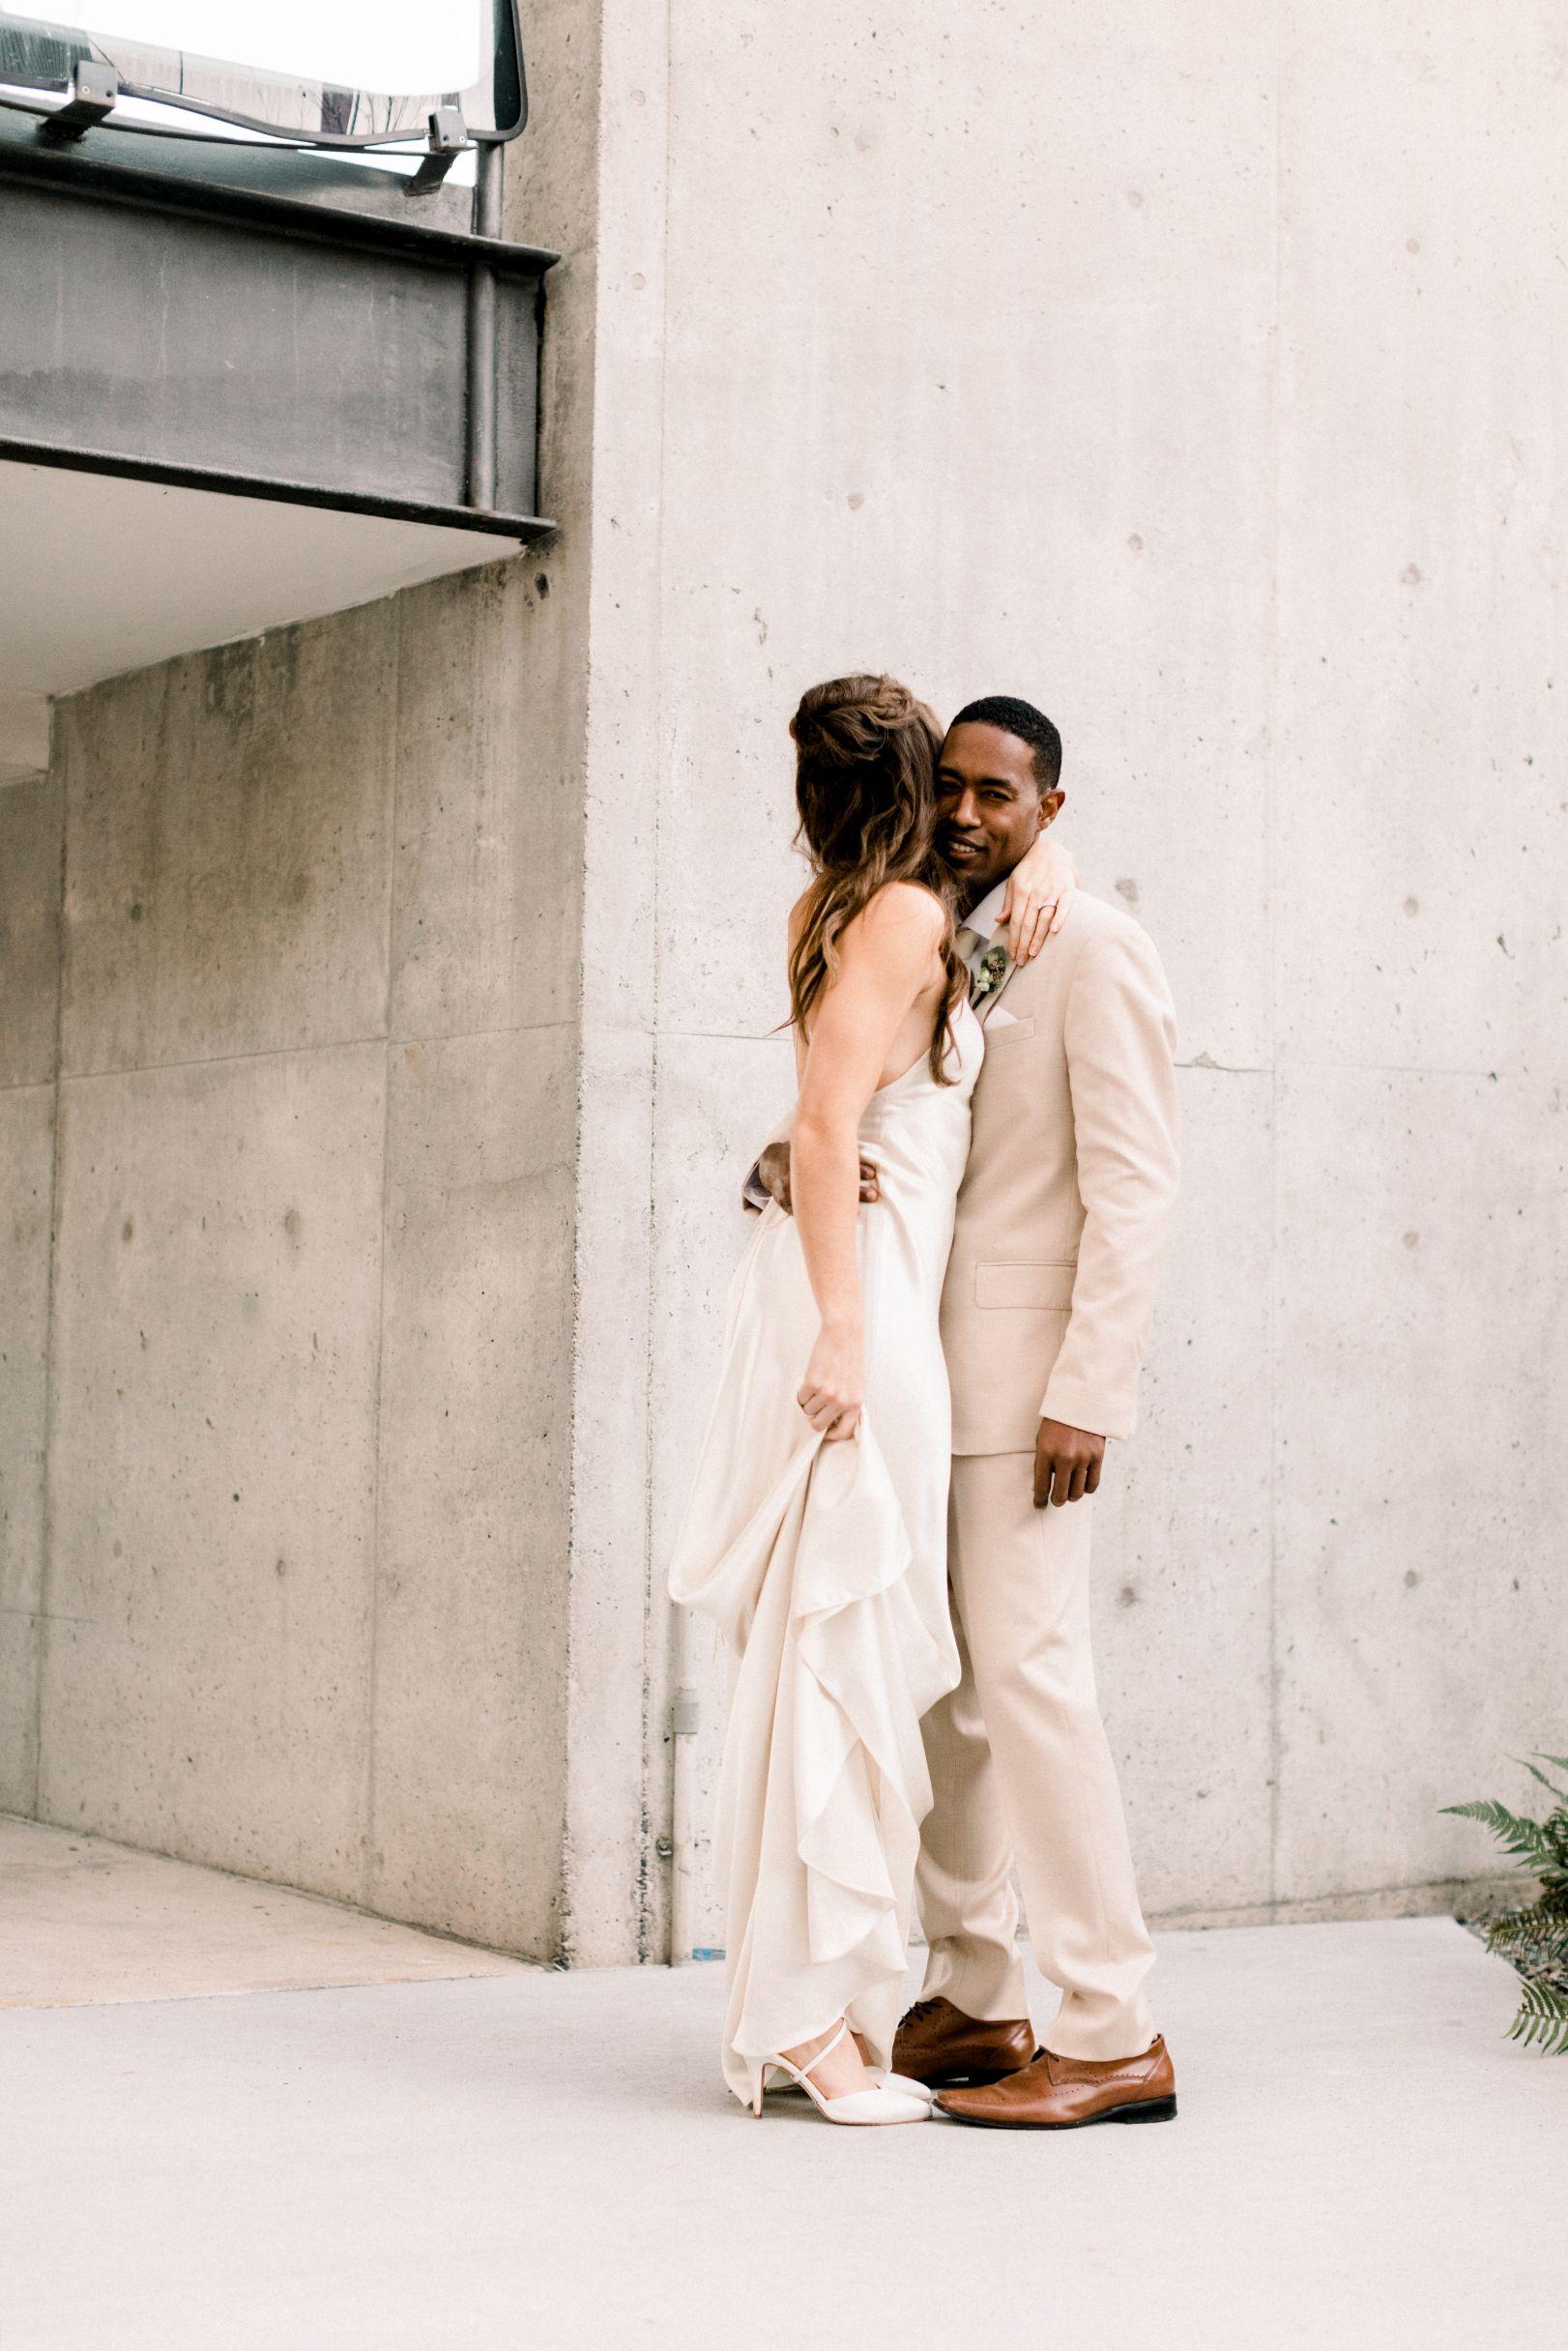 artists-for-humanity-industrial-bohemian-wedding-daylynn-designs158.jpg